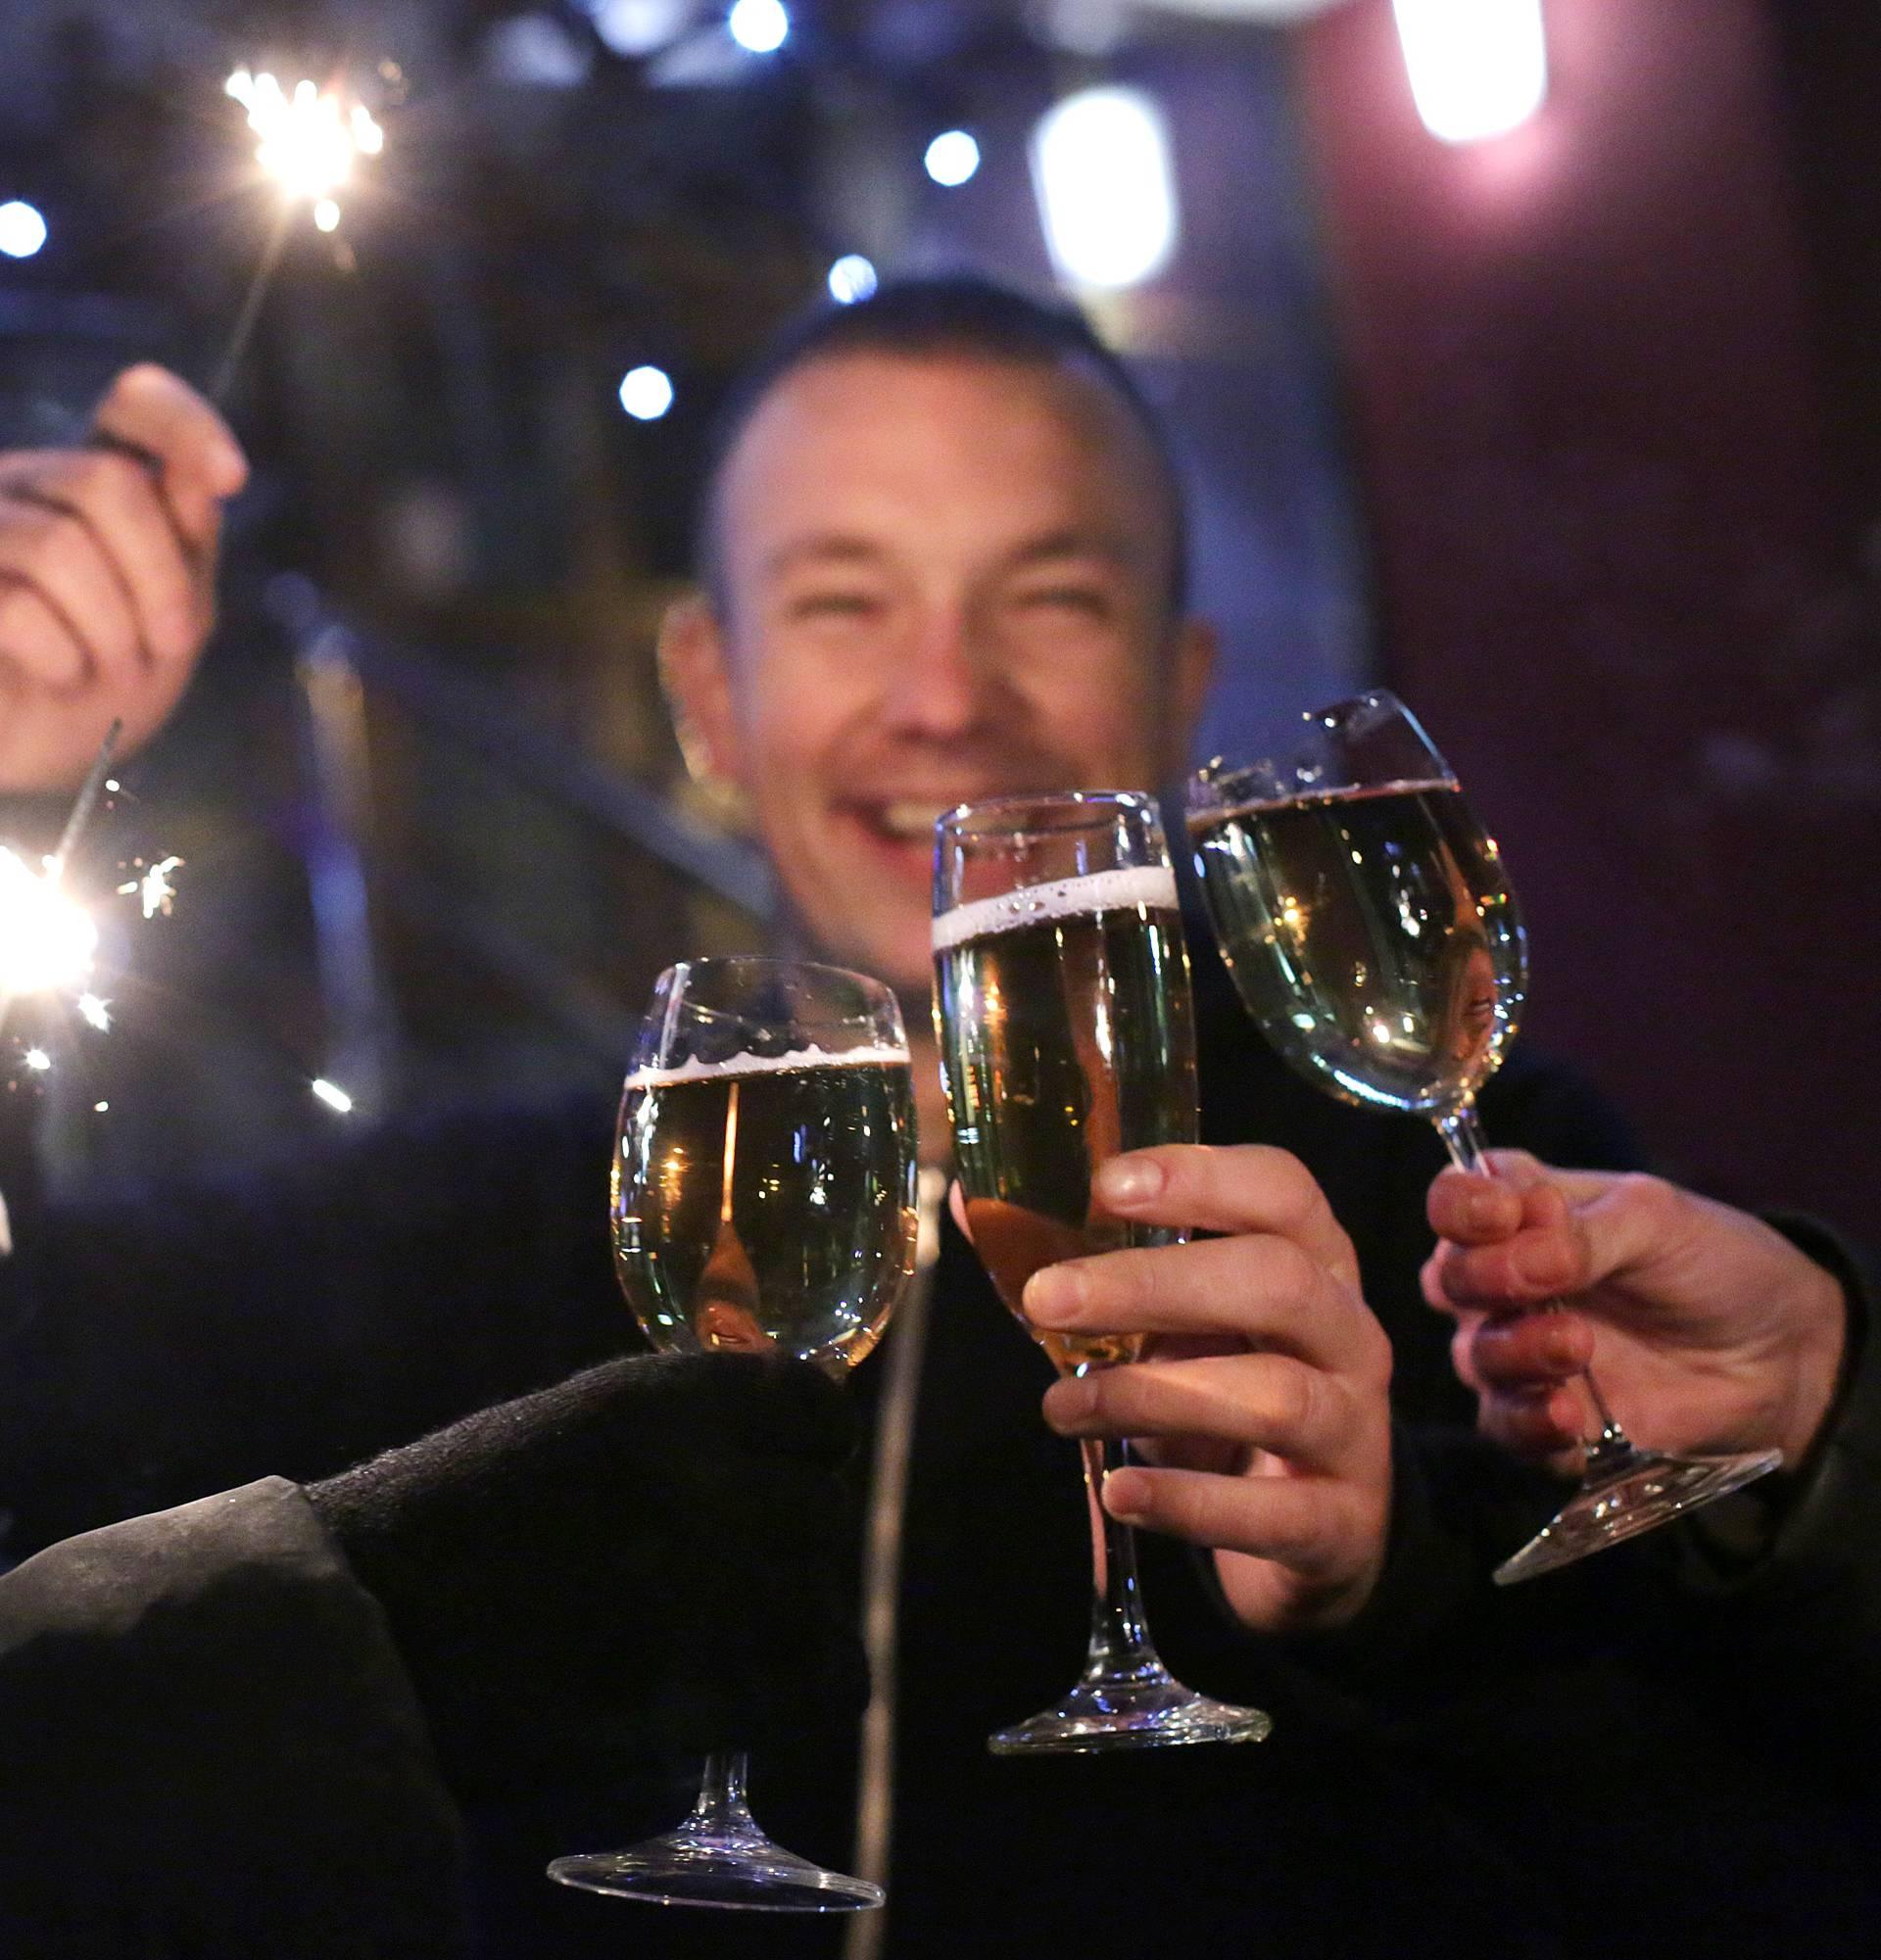 Stara vjerovanja: Evo kako se ulazi u novu godinu - za sreću